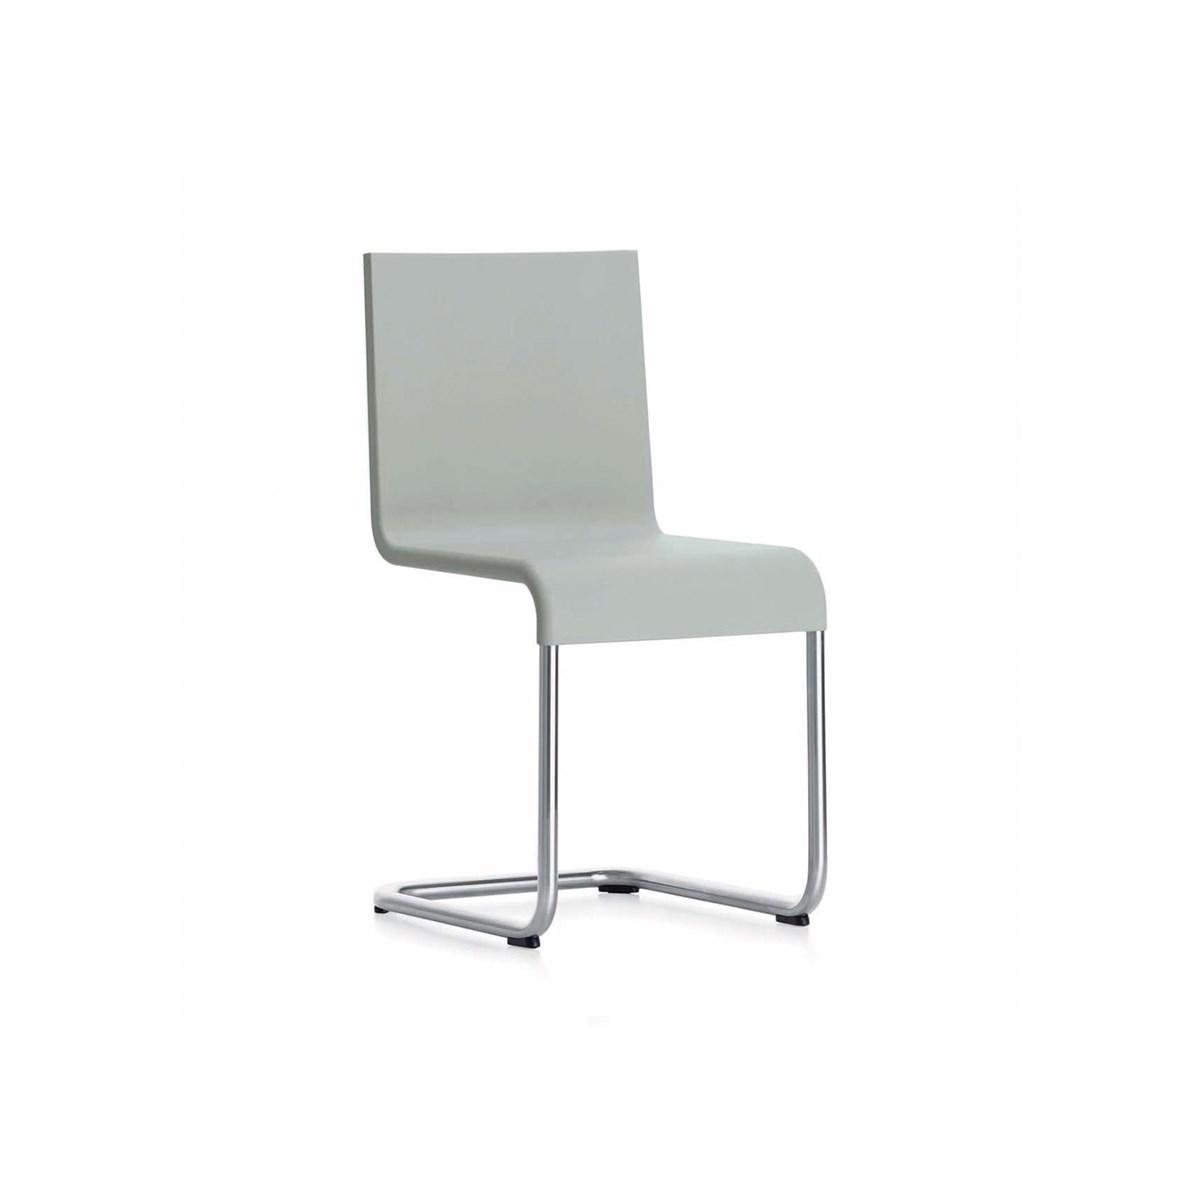 Vitra-Maarten-Van-Severen-05-Chair-Matisse-1